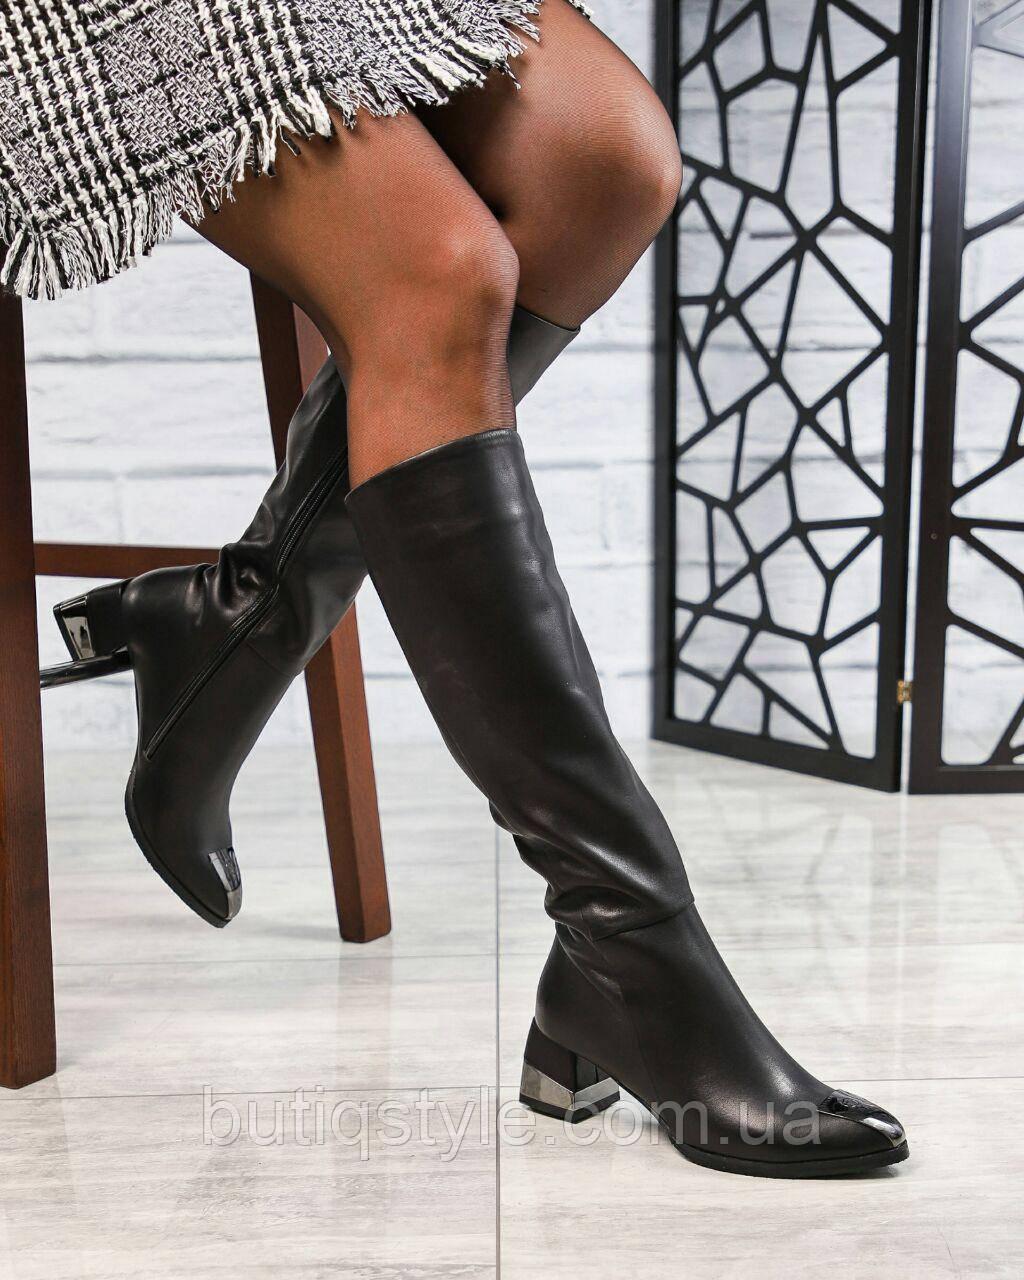 Стильные женские черные сапоги натуральнаякожа Деми